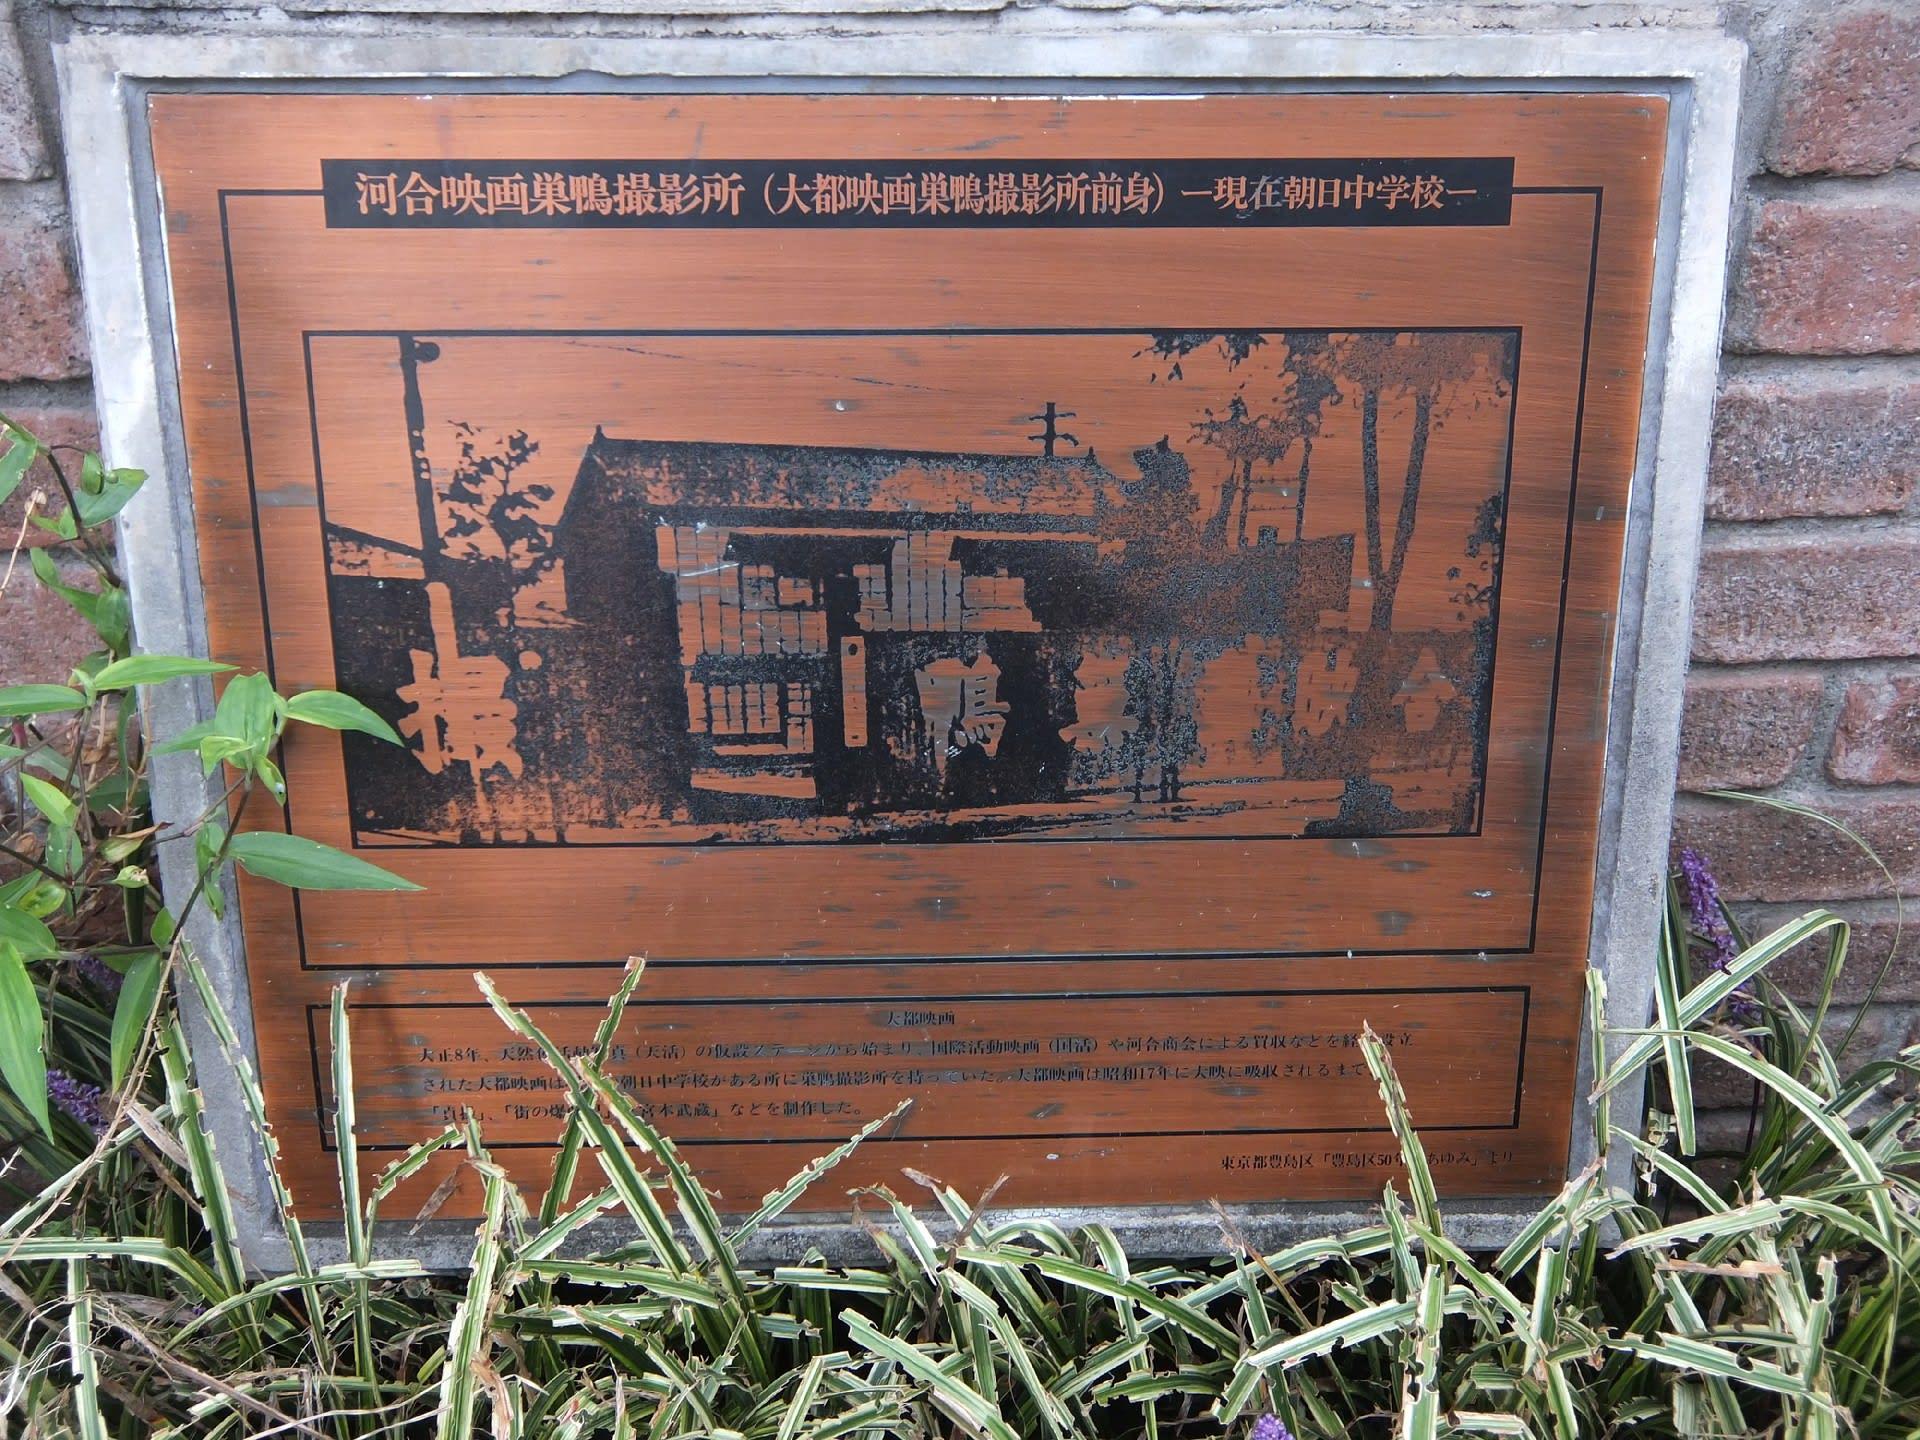 巣鴨・駒込の旅 大都映画跡、お岩の墓、ゲーテ記念館、霜降銀座 ...